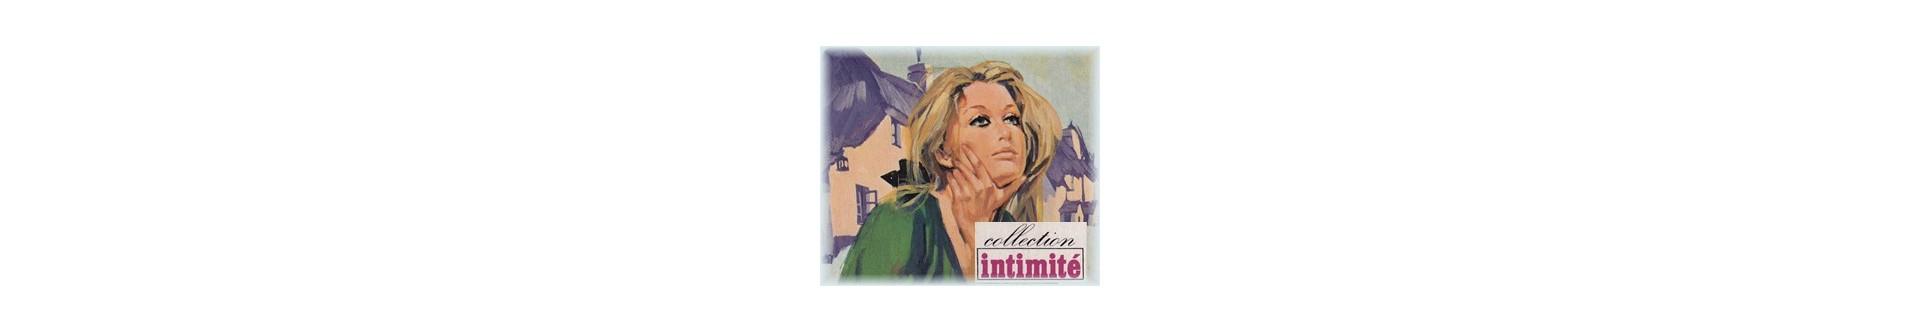 Collection Intimité | Vente de livres d'occasion